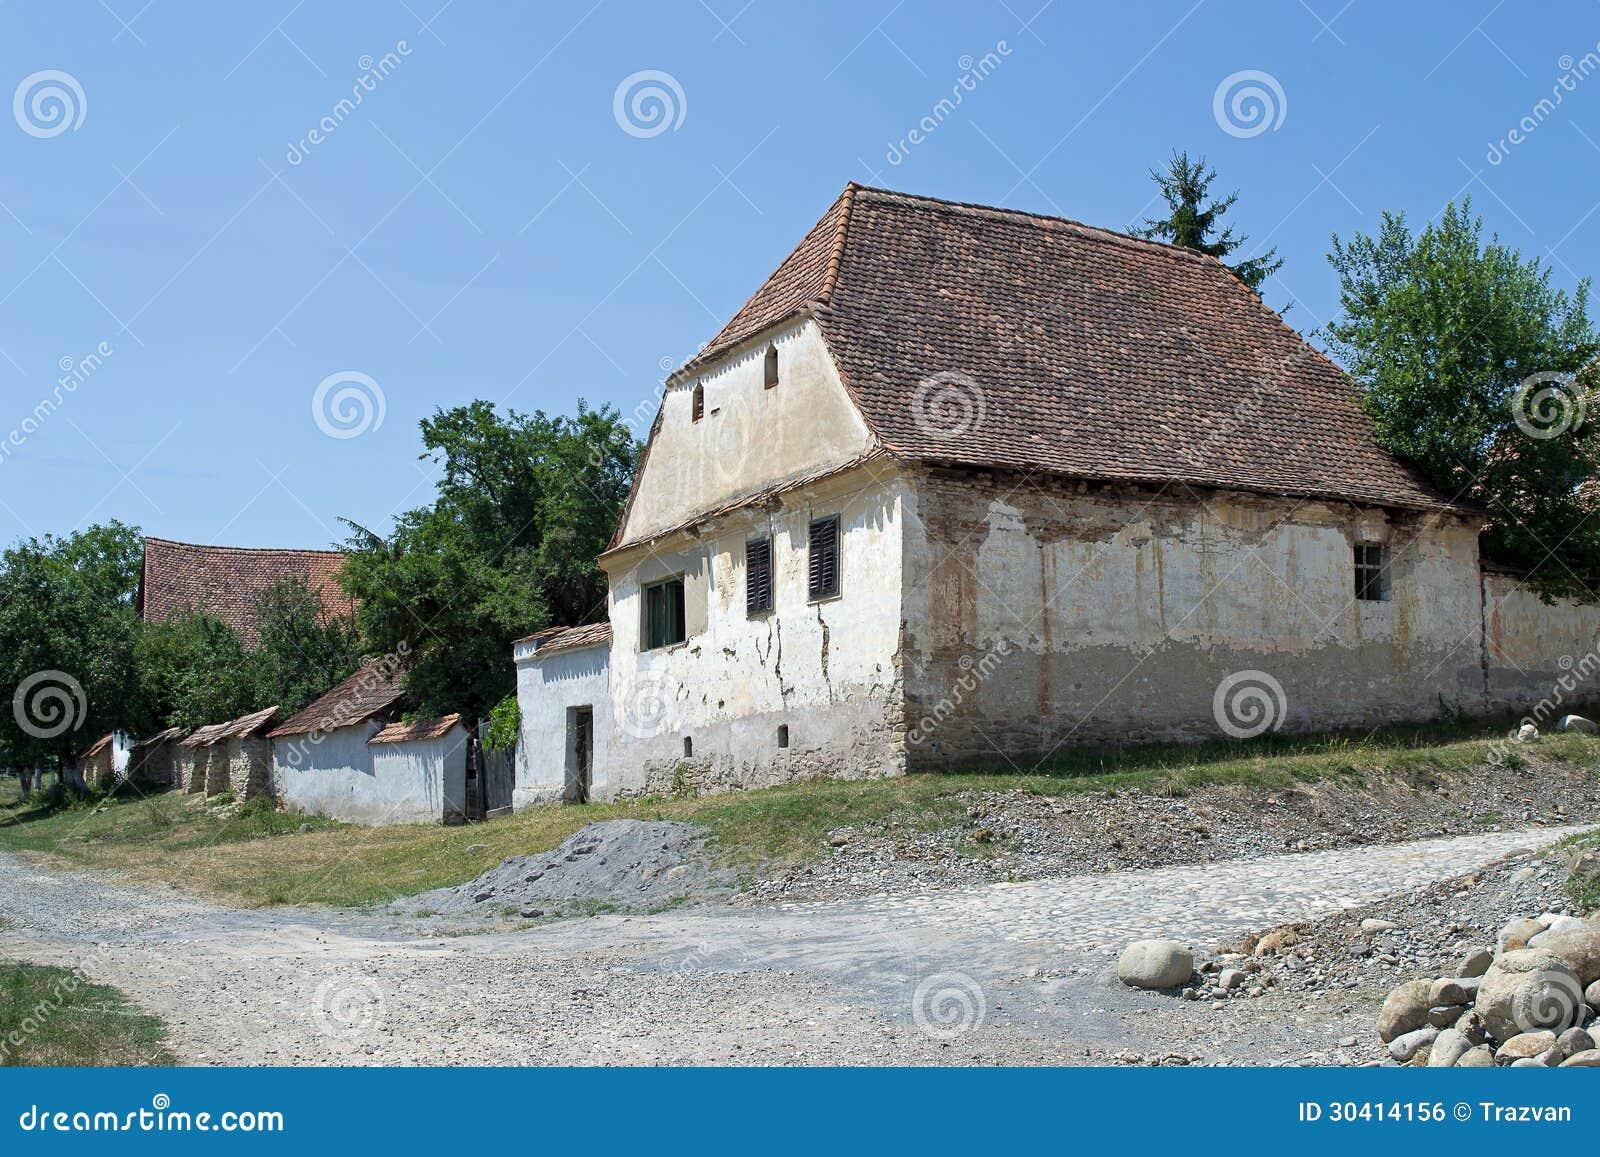 Saxon house in viscri transylvania romania royalty free stock image image 30414156 - Saxon style houses in transylvania ...